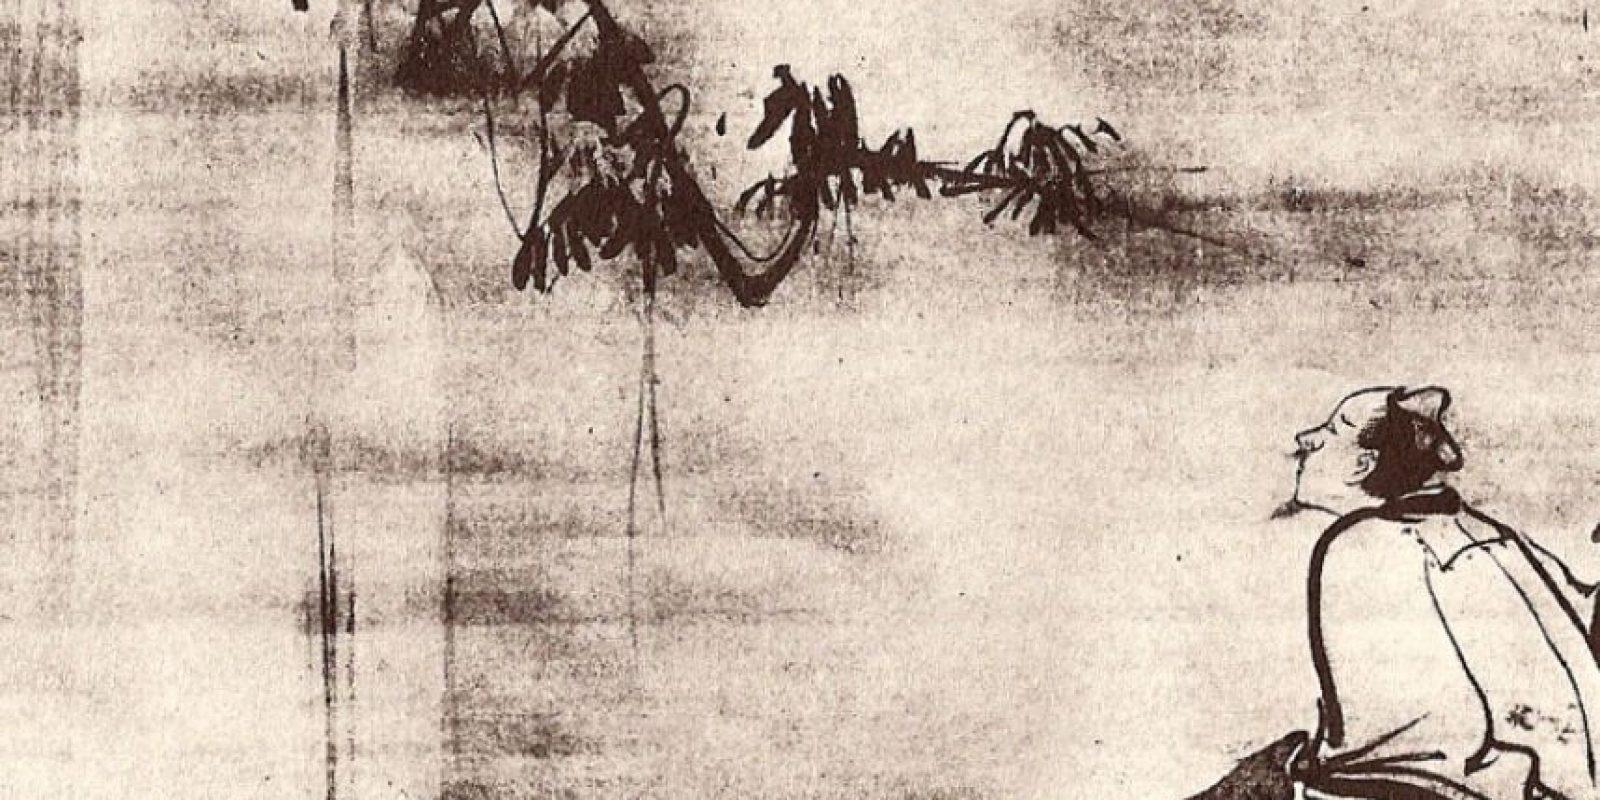 Li Bai fue un poeta chino que murió ahogado. Borracho, vio el reflejo de la luna en el río y quiso abrazarla. Foto:Wikipedia.